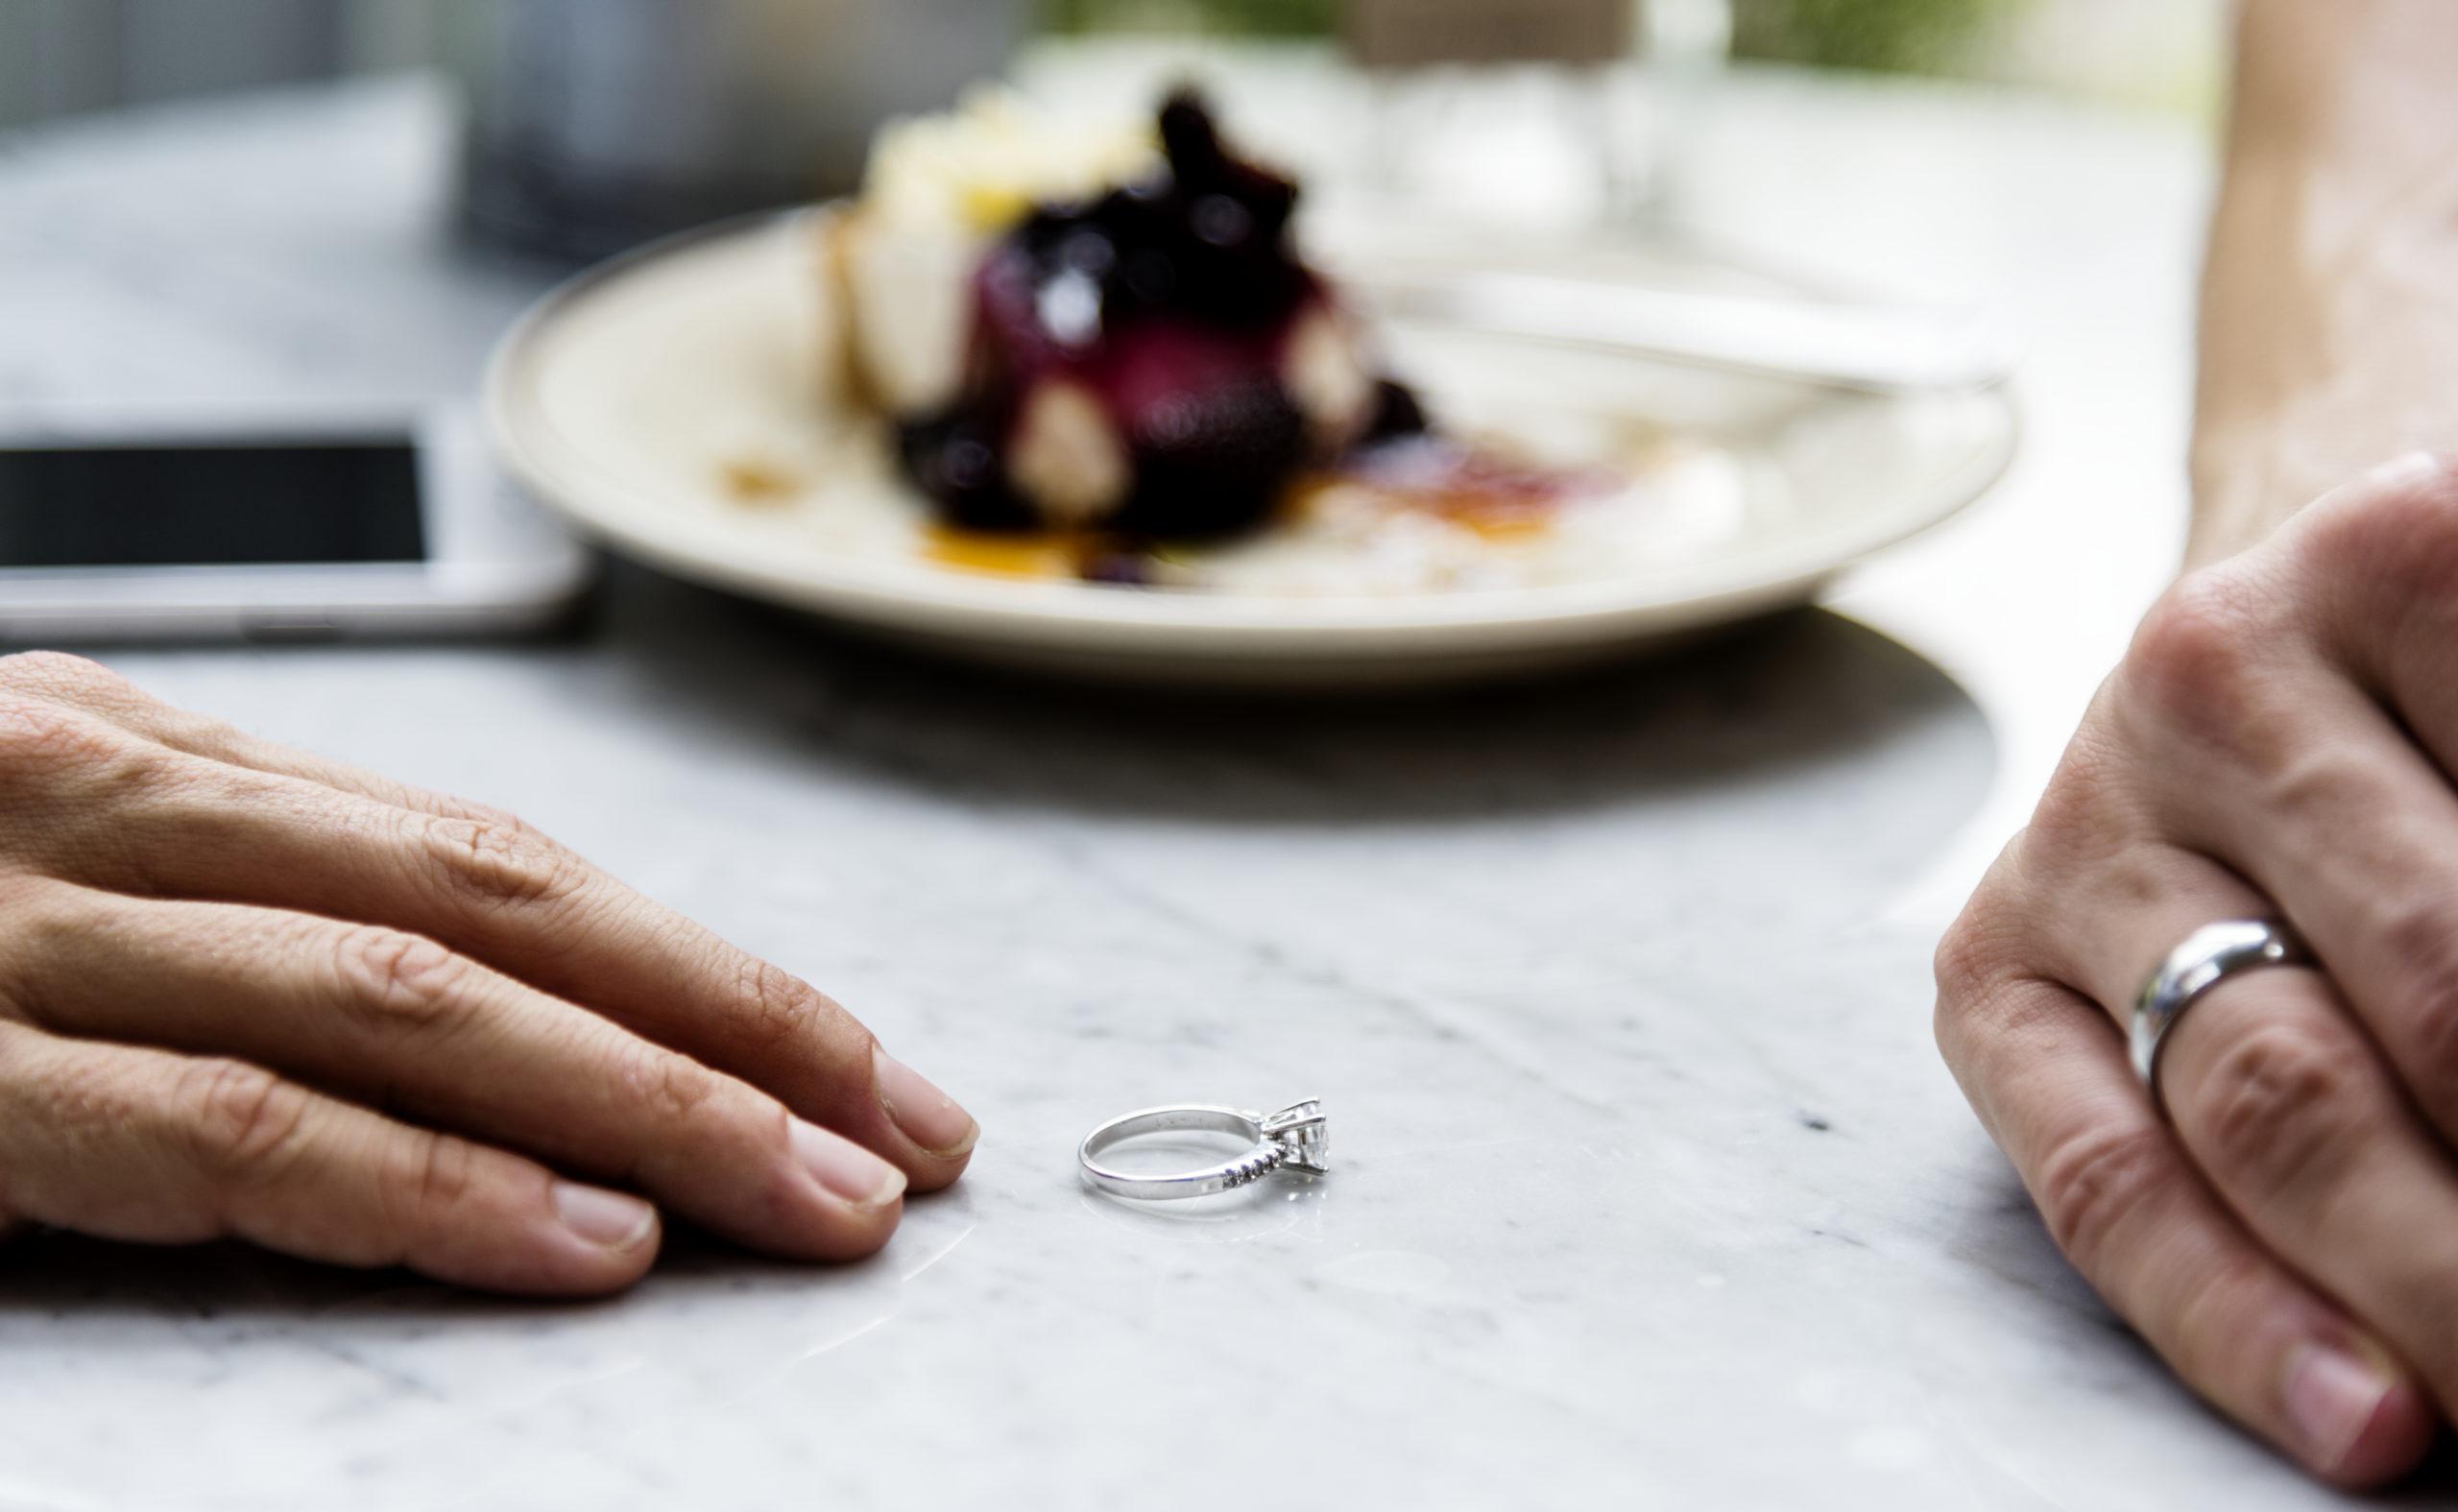 casal em crise tirando aneis de casamento